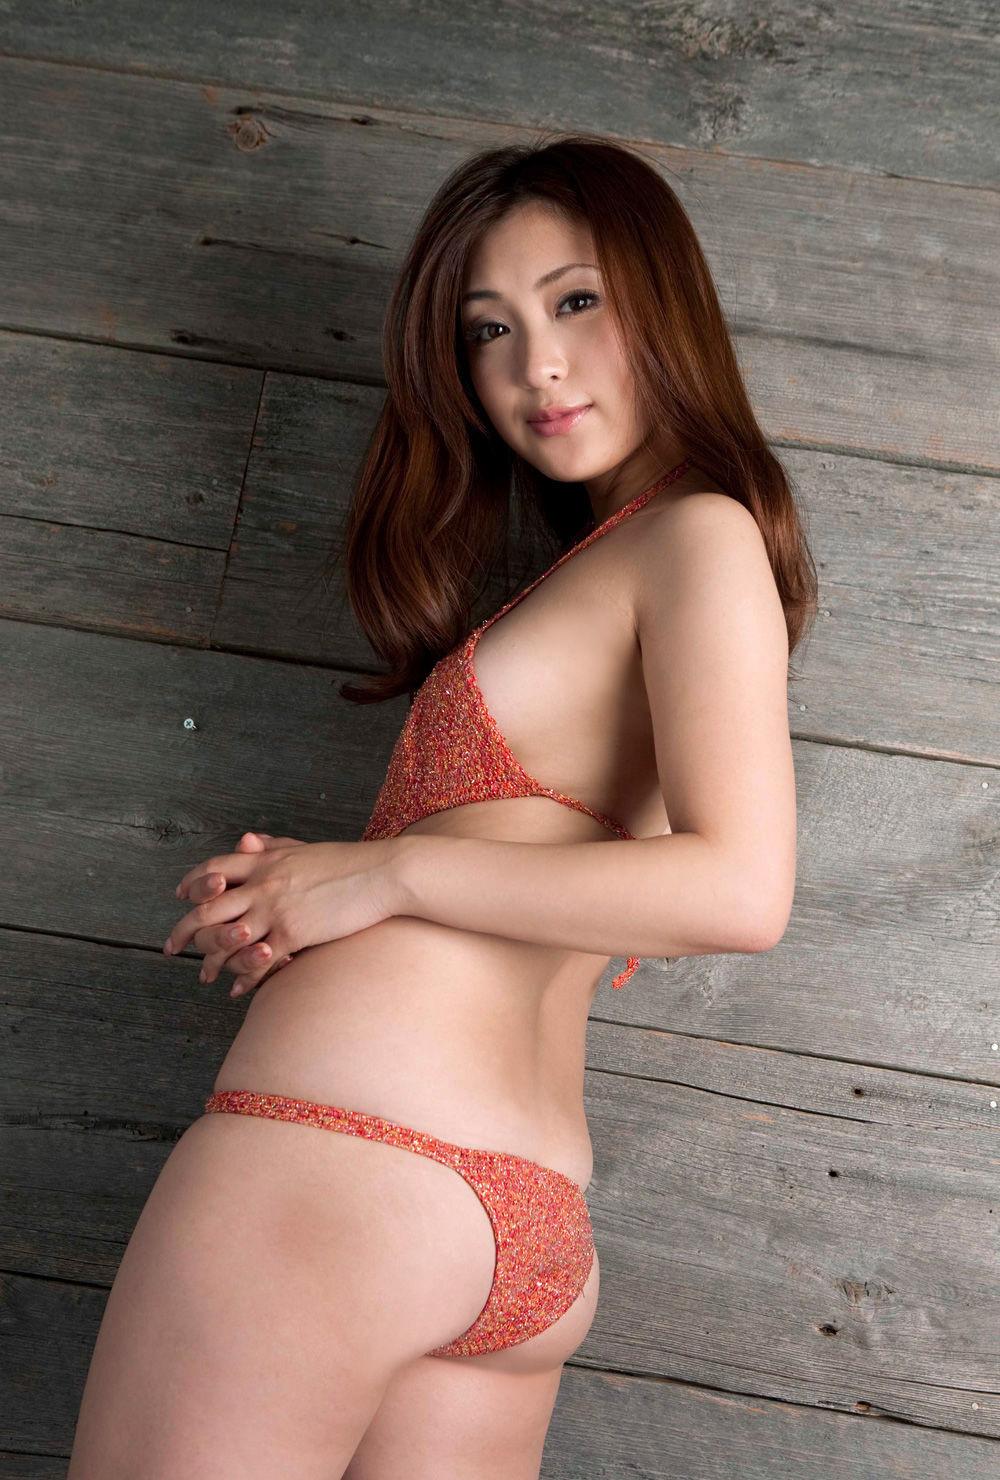 辰巳奈都子 画像 掲示板 70